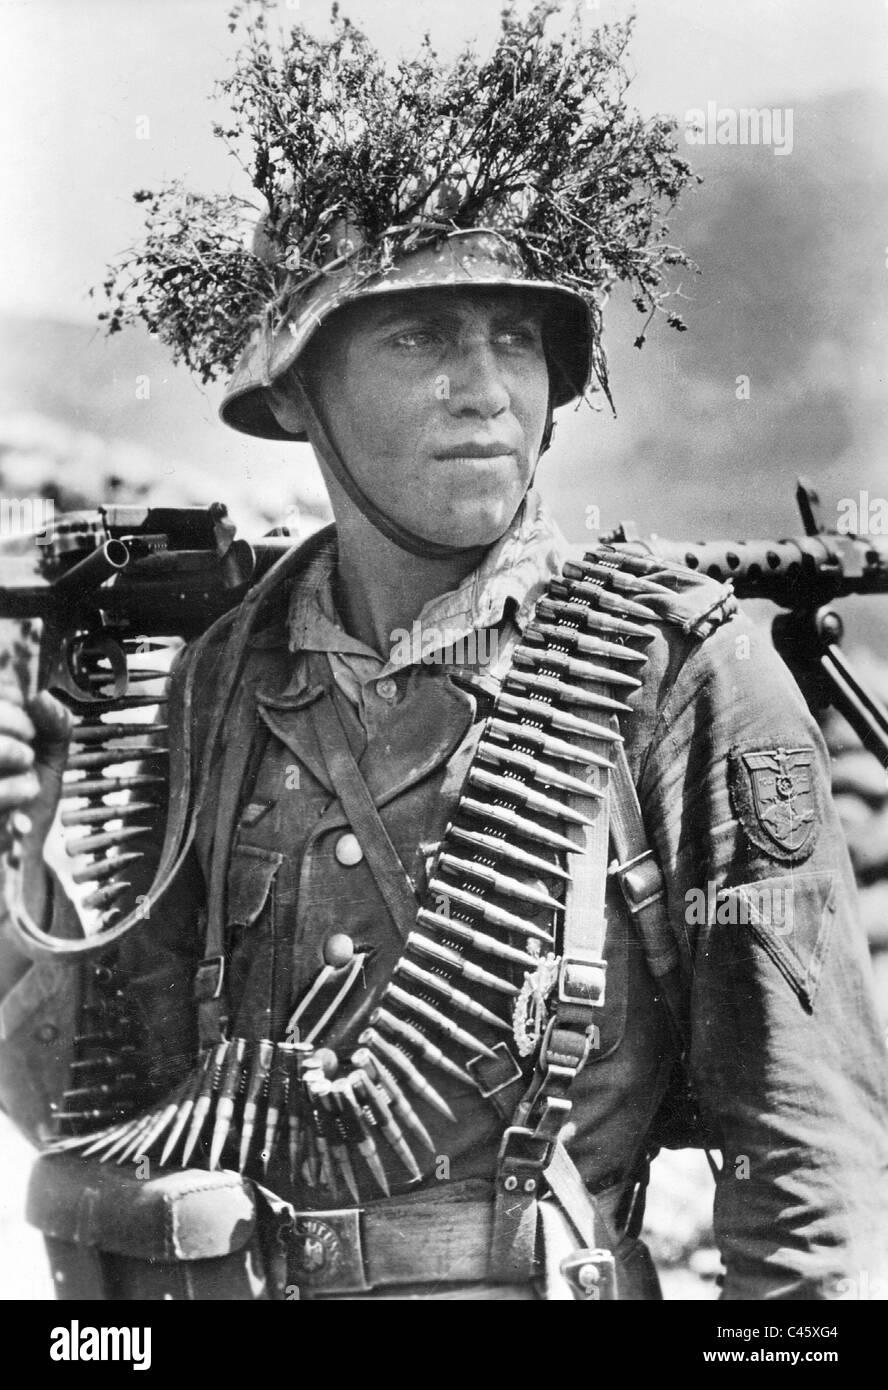 Ww1 German soldier 1915 (re-creation) : uniformporn